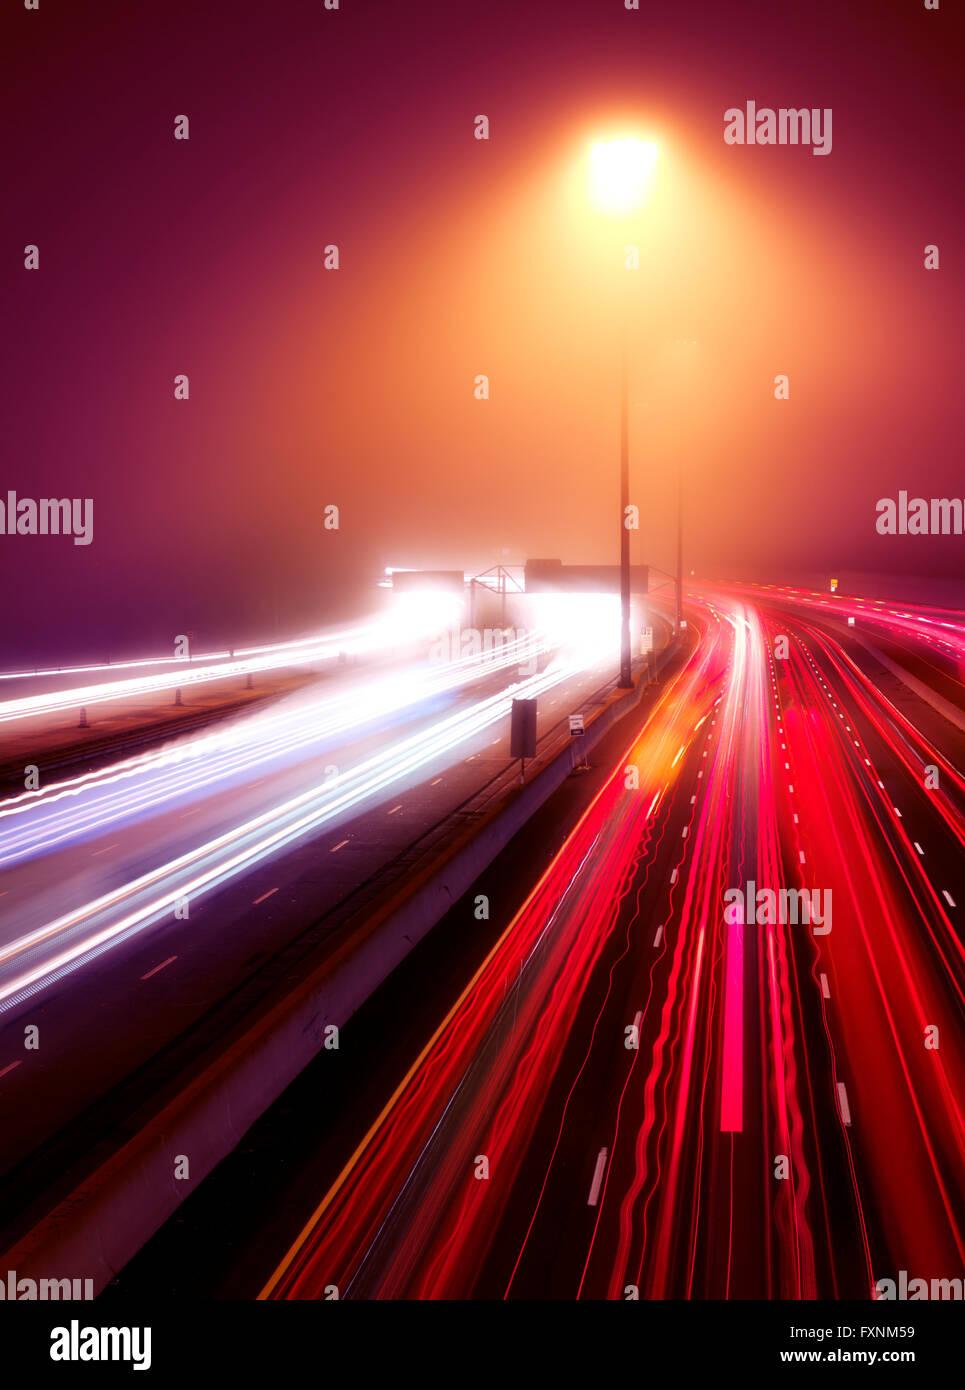 Viel befahrenen Autobahn Ampel Wanderwege in einer nebligen Nacht Highway 401, Toronto, Ontario, Kanada Stockbild